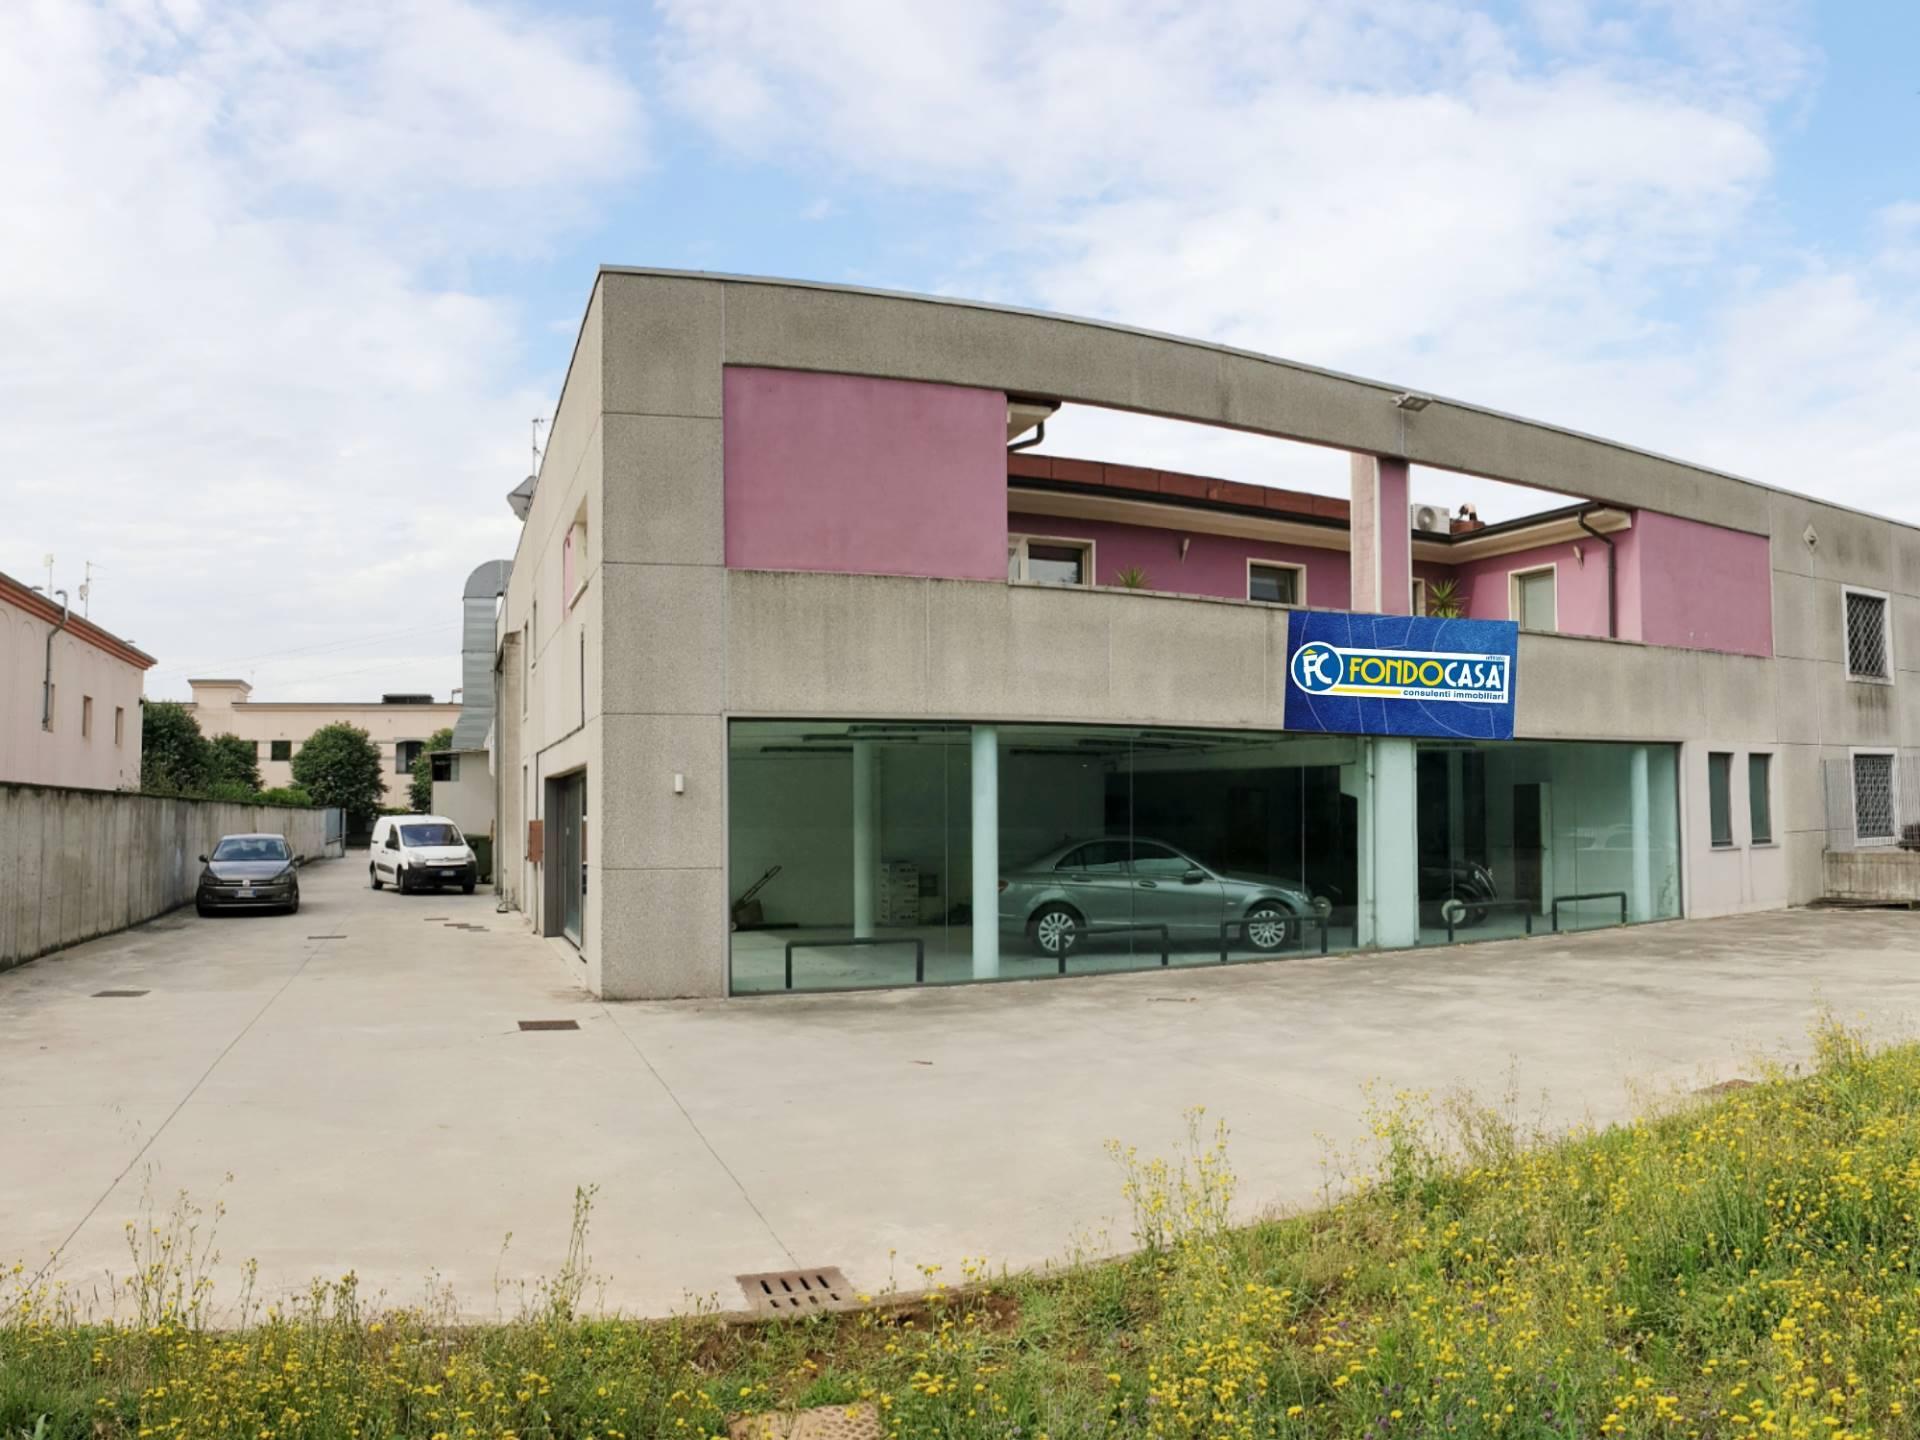 Vendita Capannone Commerciale/Industriale Coccaglio 214854